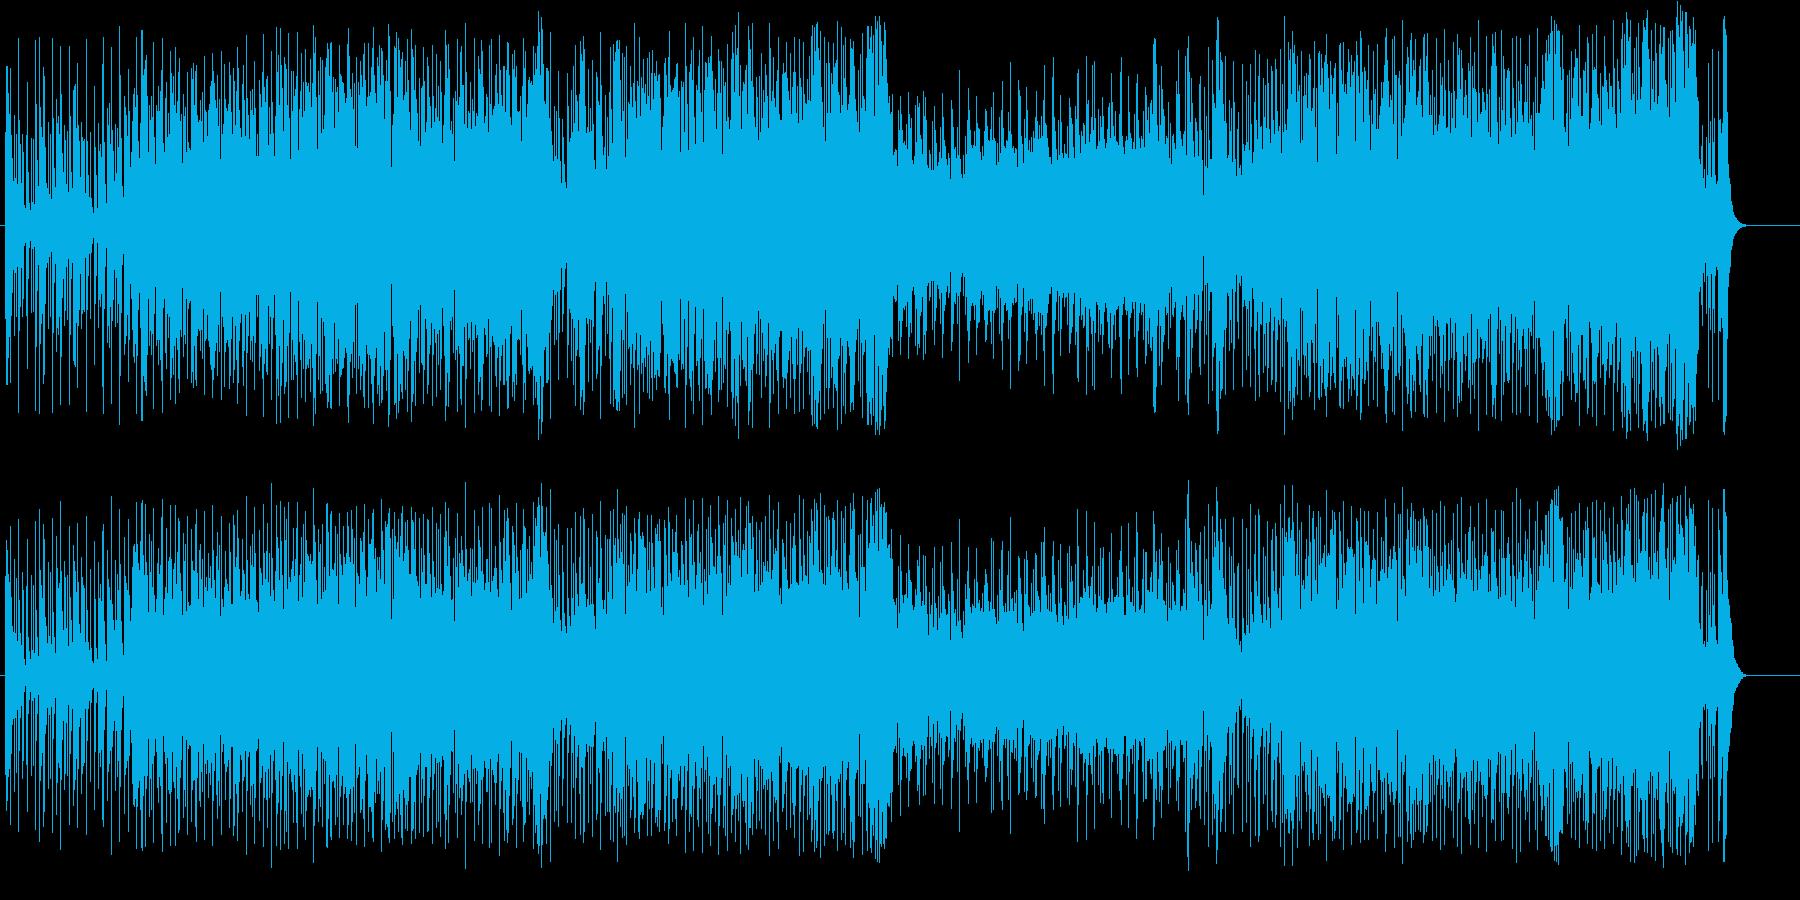 ブライトなフュージョン・サウンドの再生済みの波形